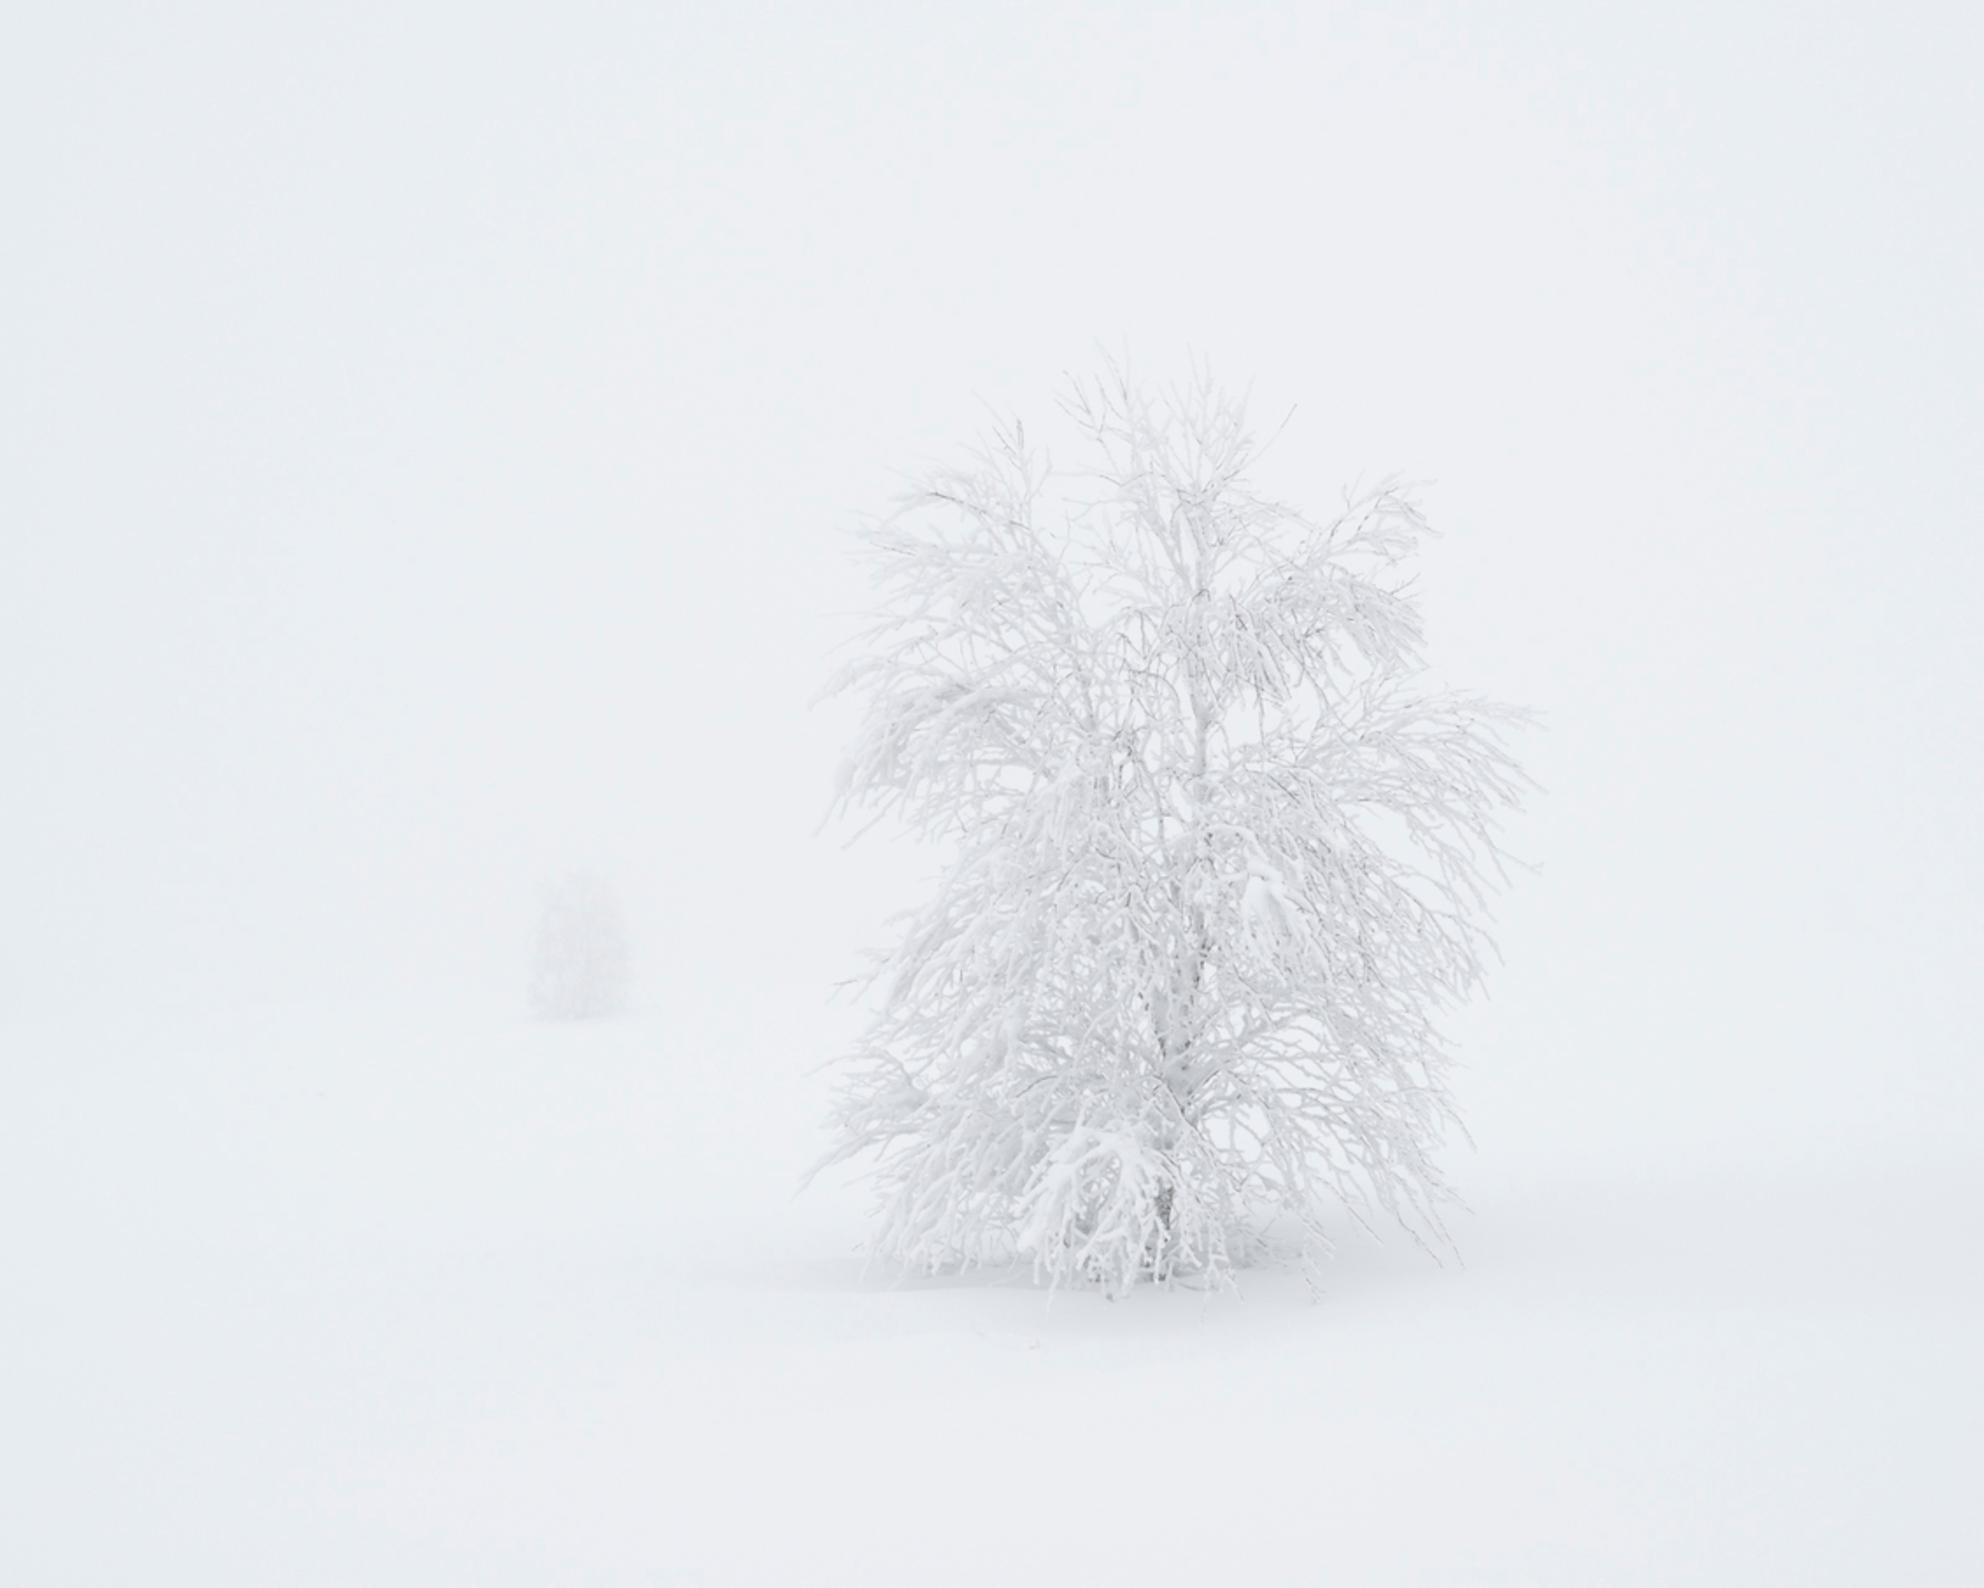 Simply White - Een (bijna) eenzaam boompje in een besneeuwd landschap. Mist en sneeuw, in mijn ogen een perfecte combinatie voor heerlijke minimalistische landschap - foto door weimaraan op 10-01-2021 - deze foto bevat: abstract, natuur, licht, sneeuw, winter, landschap, mist, bos, bomen, takken, koud, leegte, bevroren, eenzaamheid, boompje - Deze foto mag gebruikt worden in een Zoom.nl publicatie